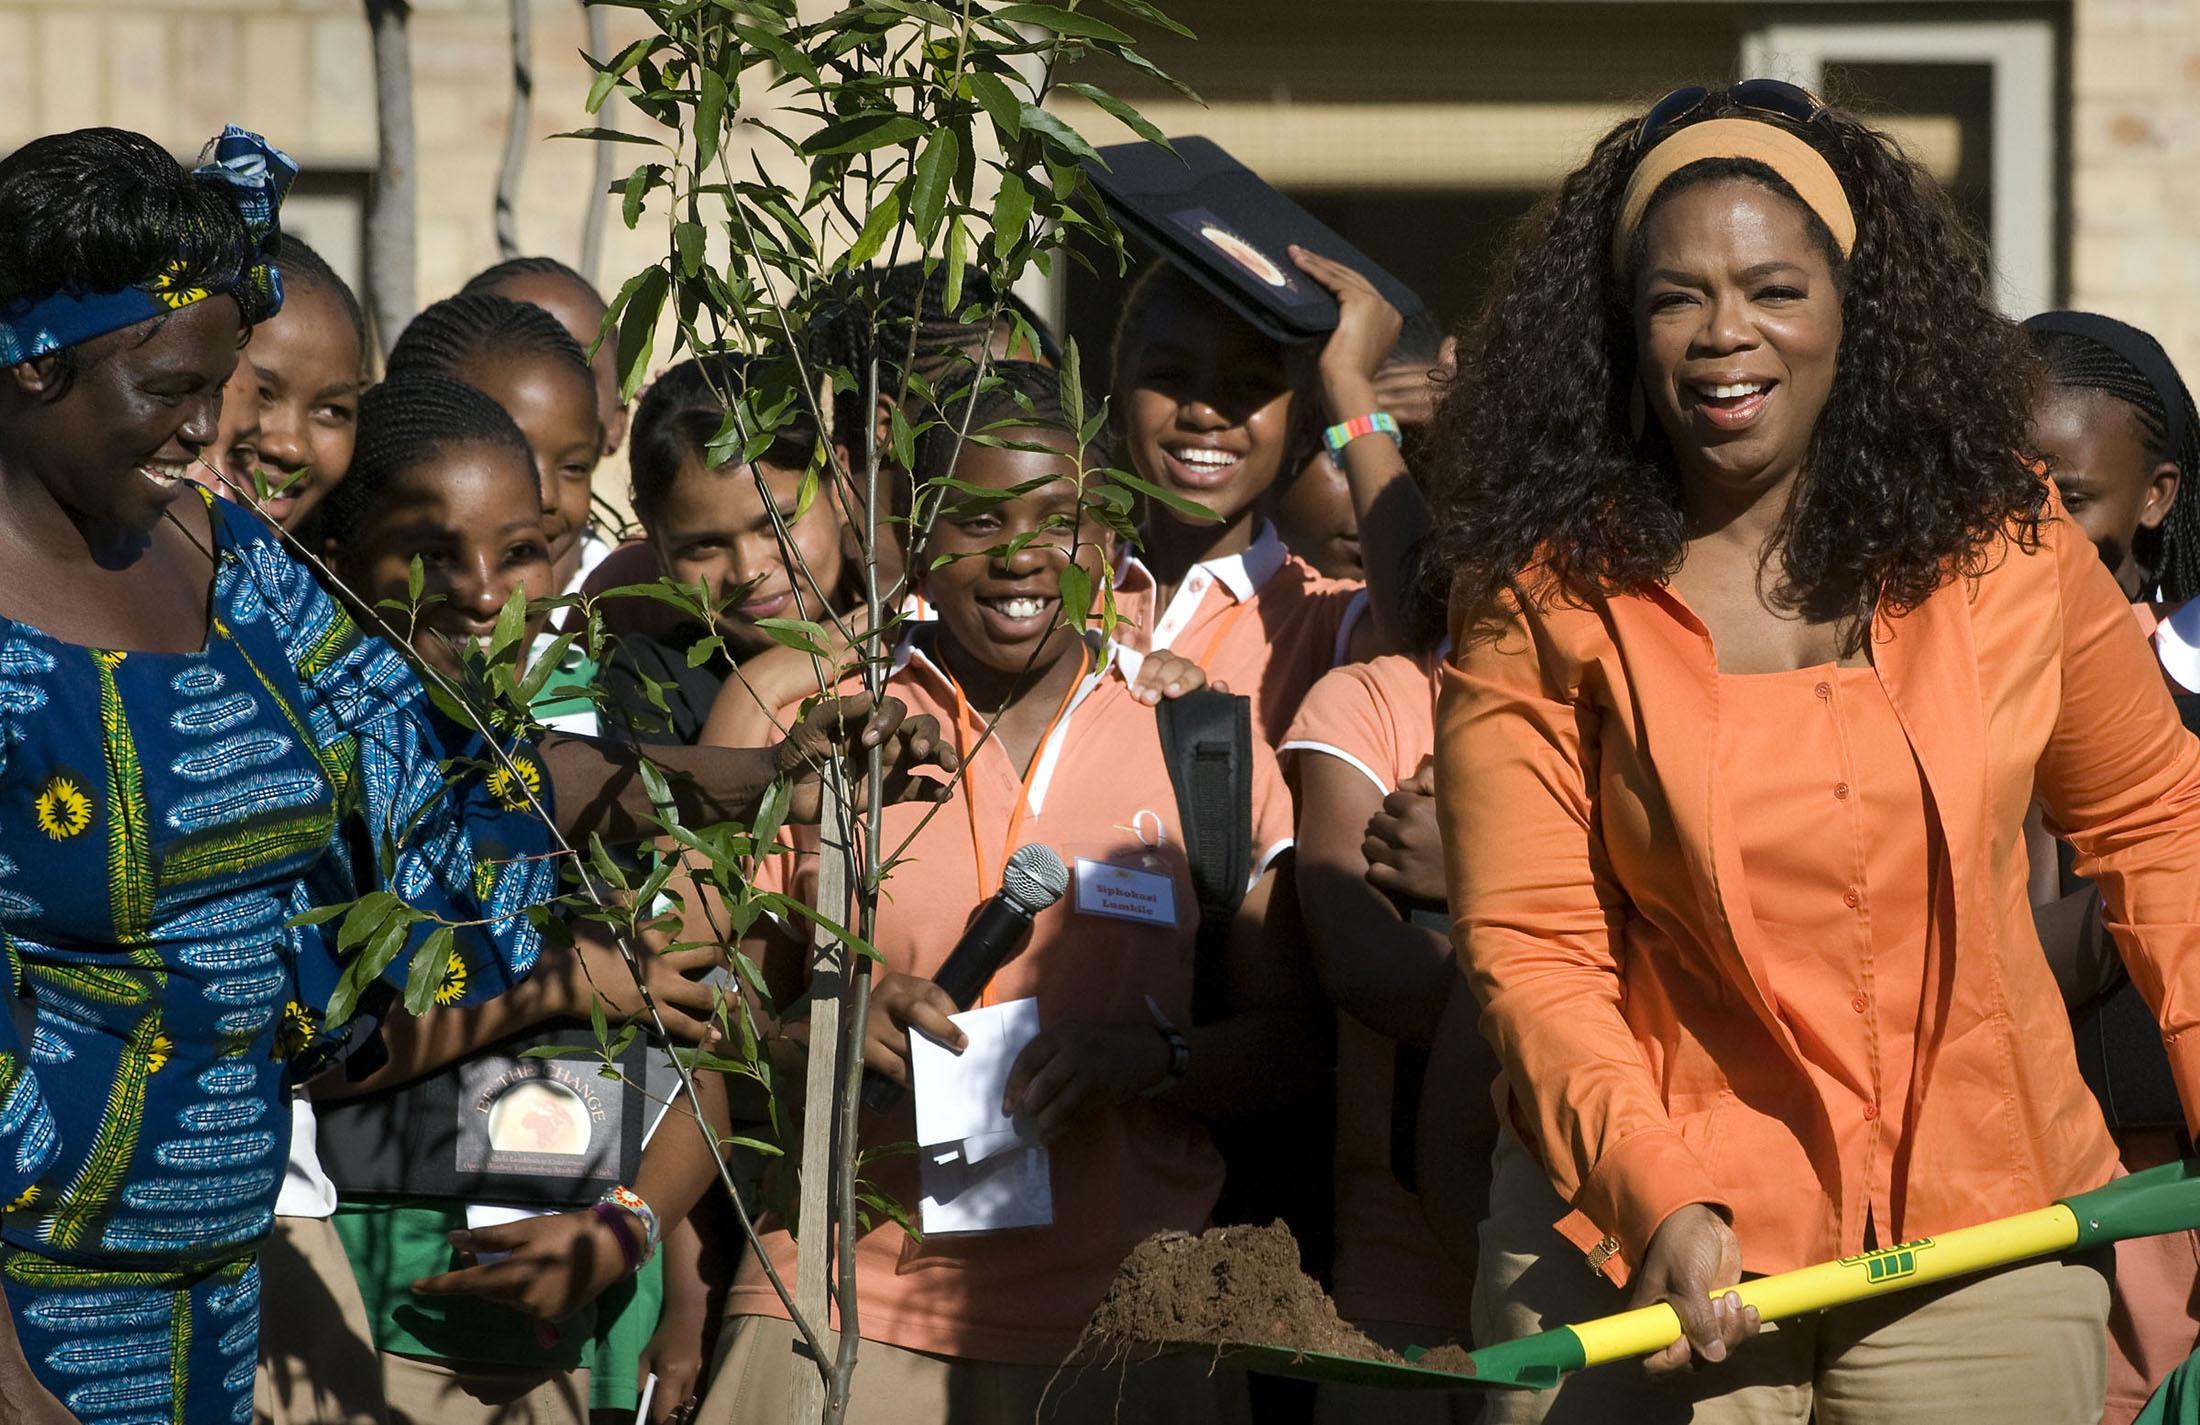 美國電視脫口秀主持人歐普拉.溫芙瑞( Oprah Winfrey,右)、瑪泰(左)及小朋友,2008年11月25日在南非約翰尼斯堡南方的Henley-On-Klip「歐普拉女子領導學校」 (Oprah Winfrey Leadership Academy for Girls)種樹。(美聯社)